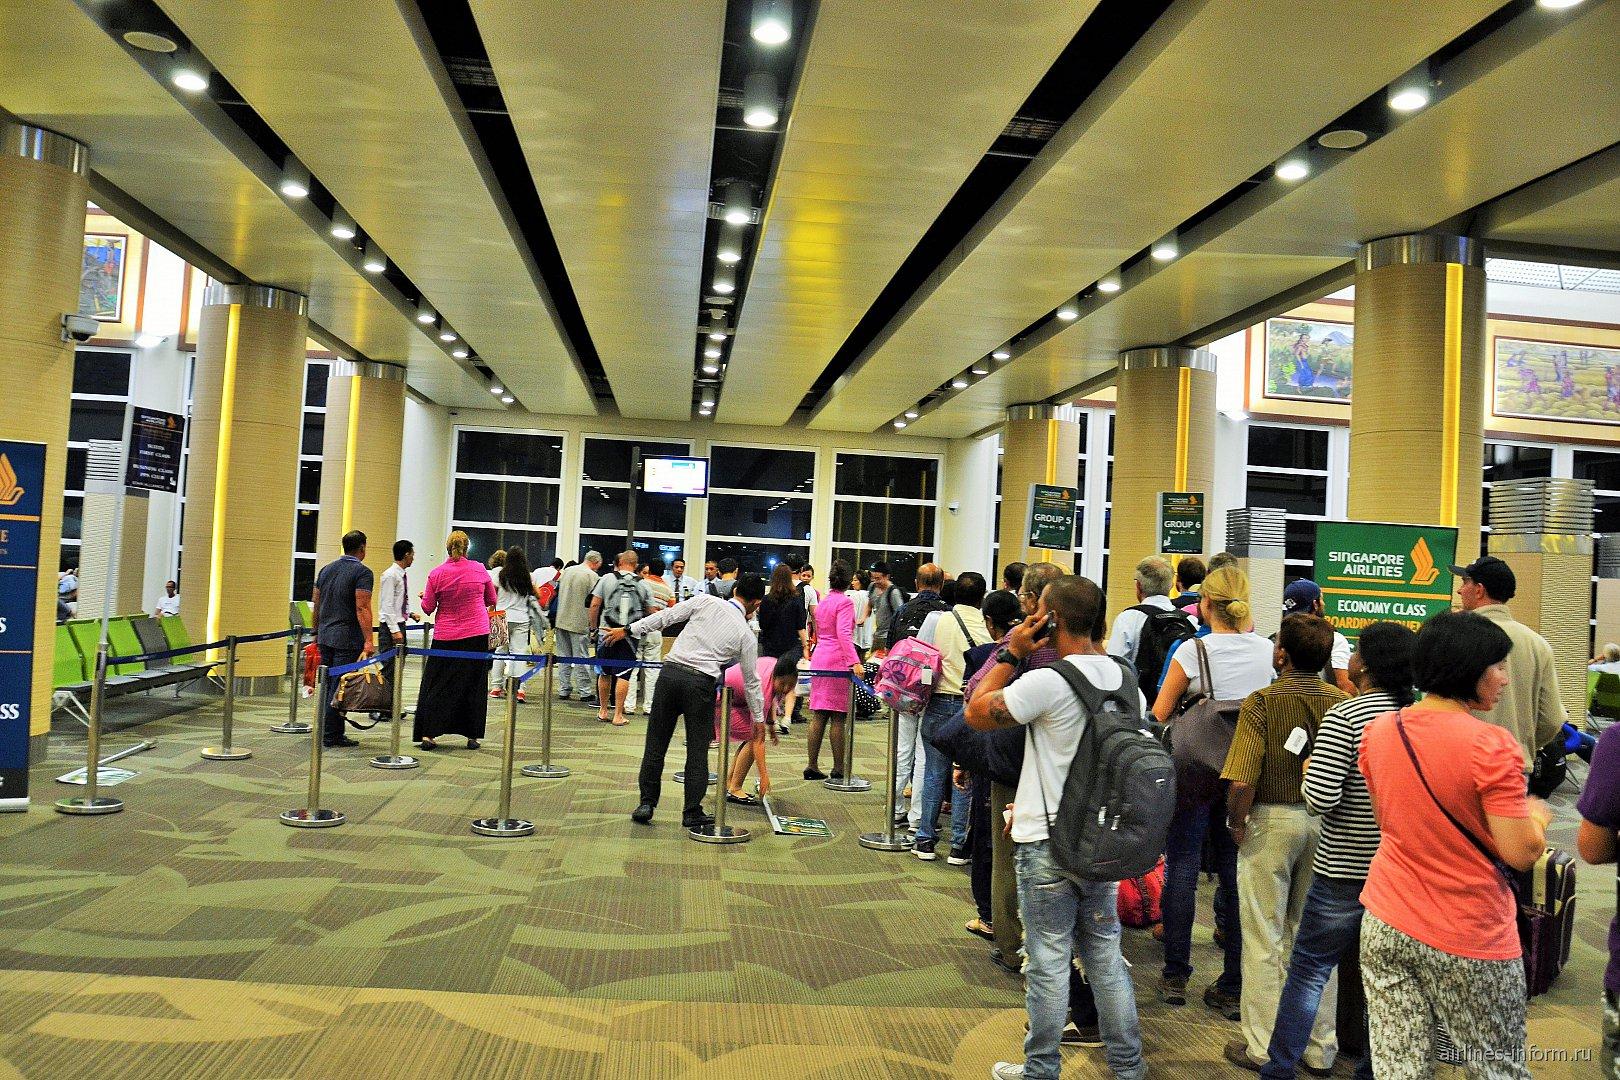 Посадка на рейс Сингапурских авиалиний в аэропорту Денпасара